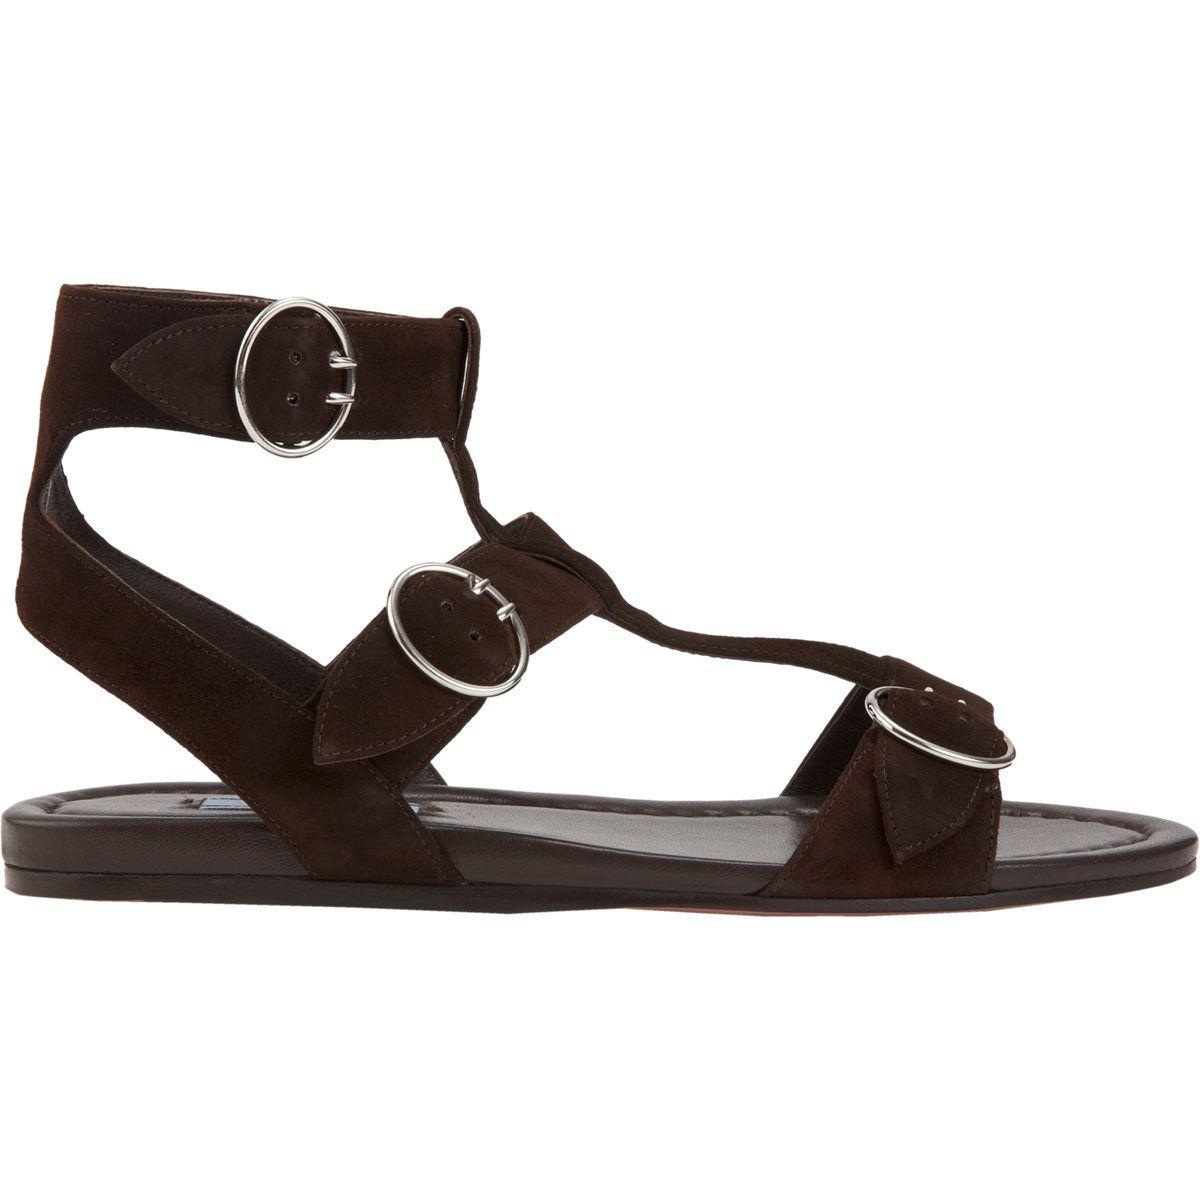 Prada Triple Strap Gladiator Sandal at Barneys.com